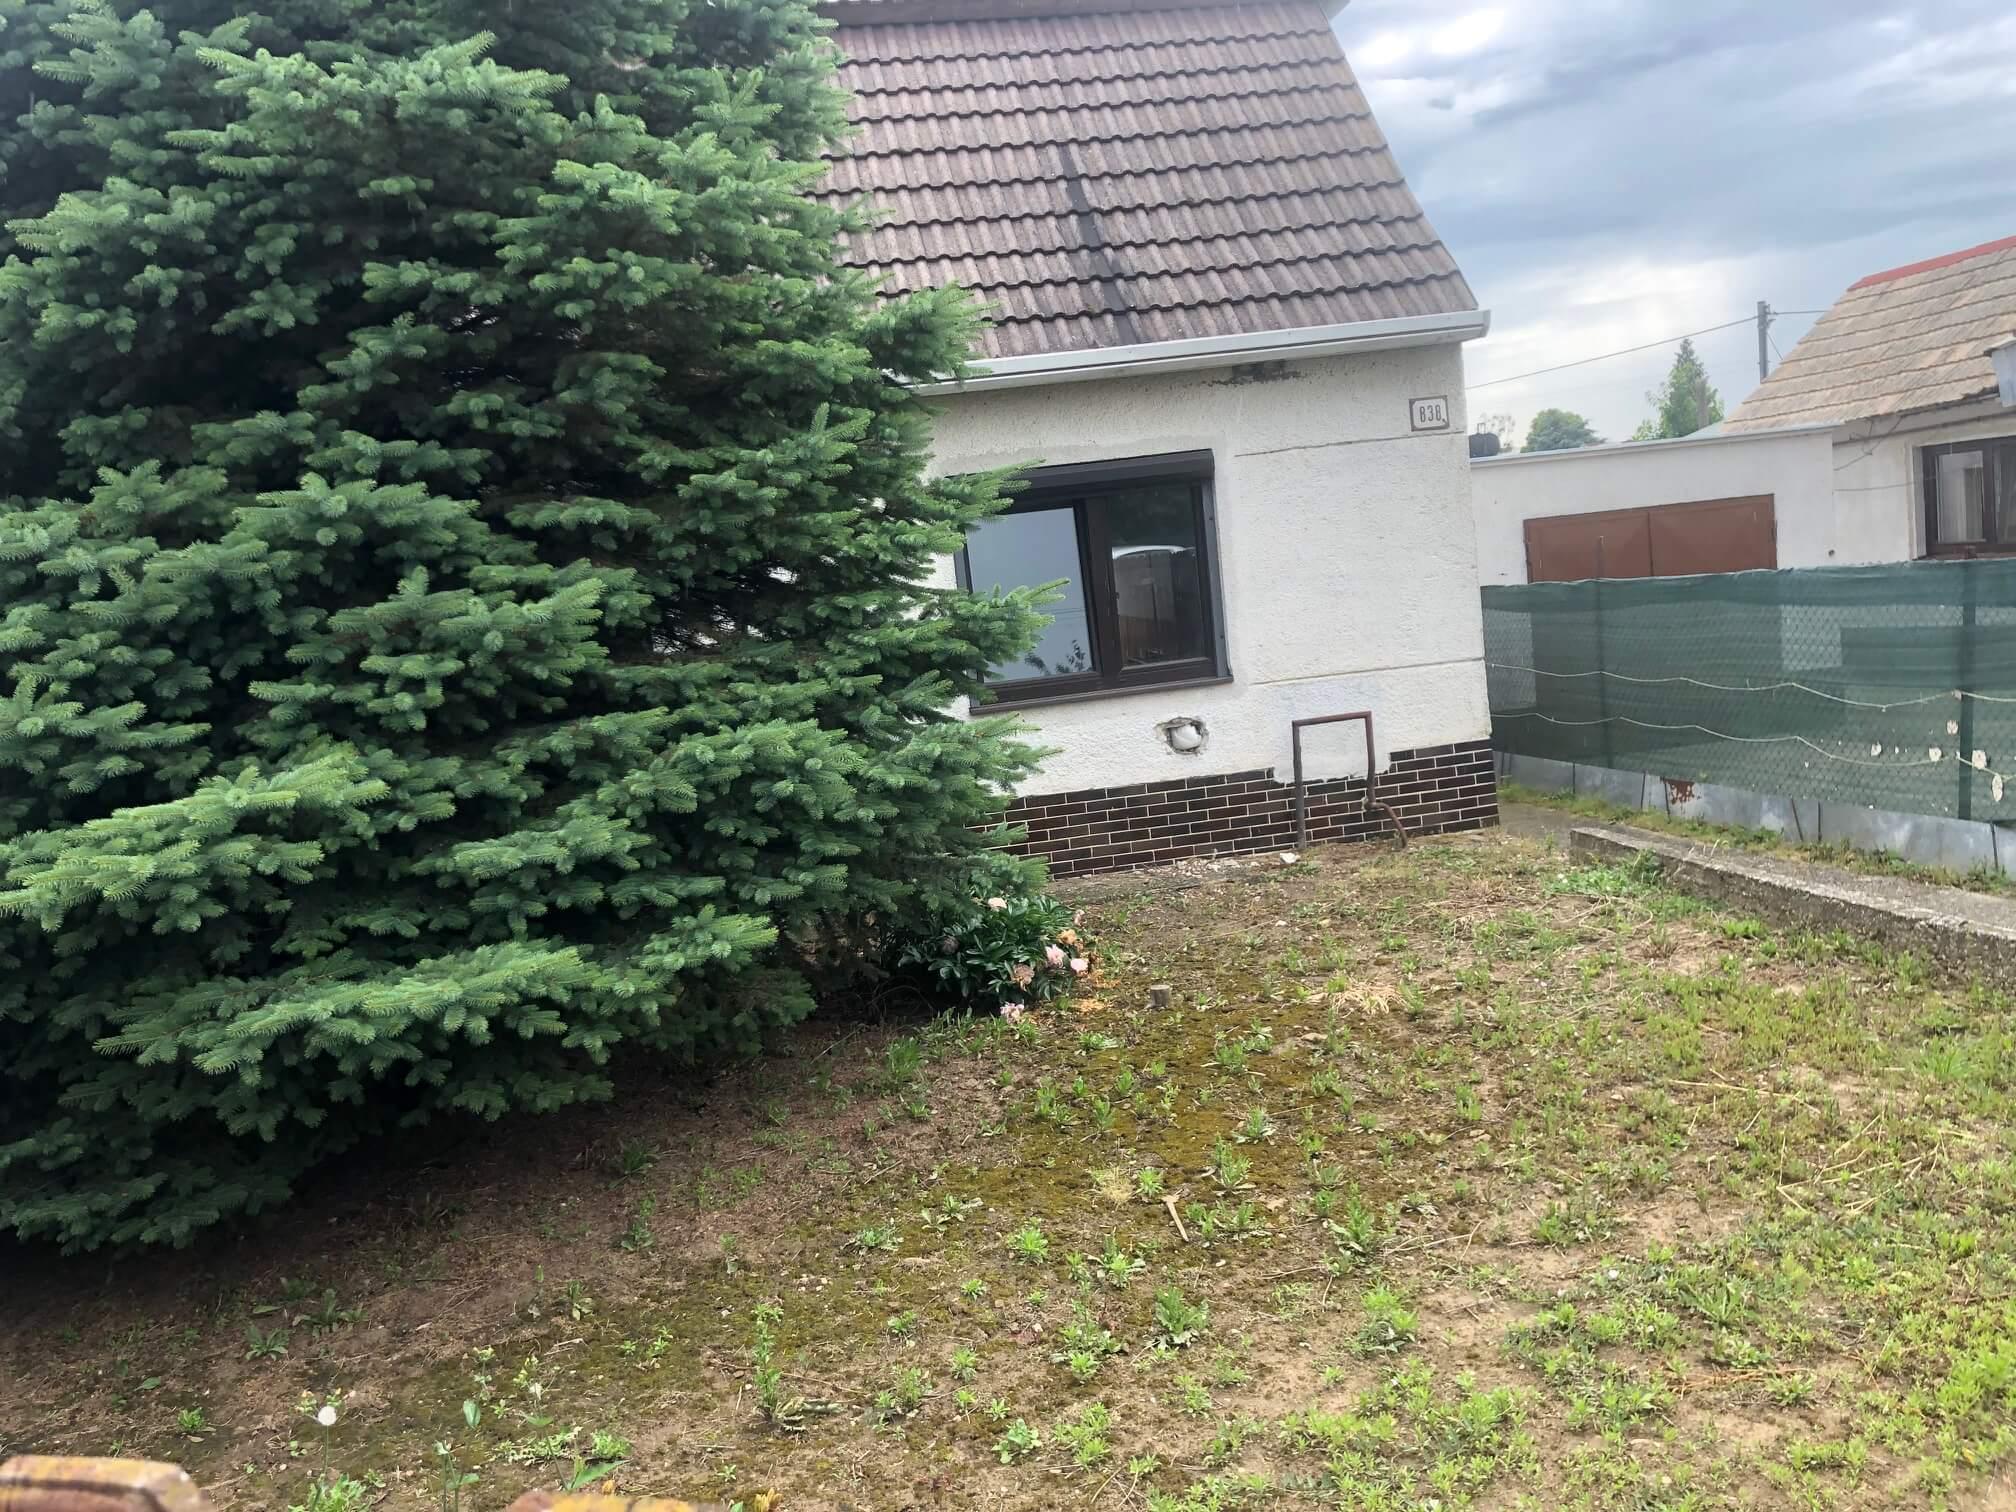 Predané: Pôvodný 4 izbový Rodinný dom v Šoporni, úžitková 96m2 plus 96m2 povala, pozemok 550m2-7